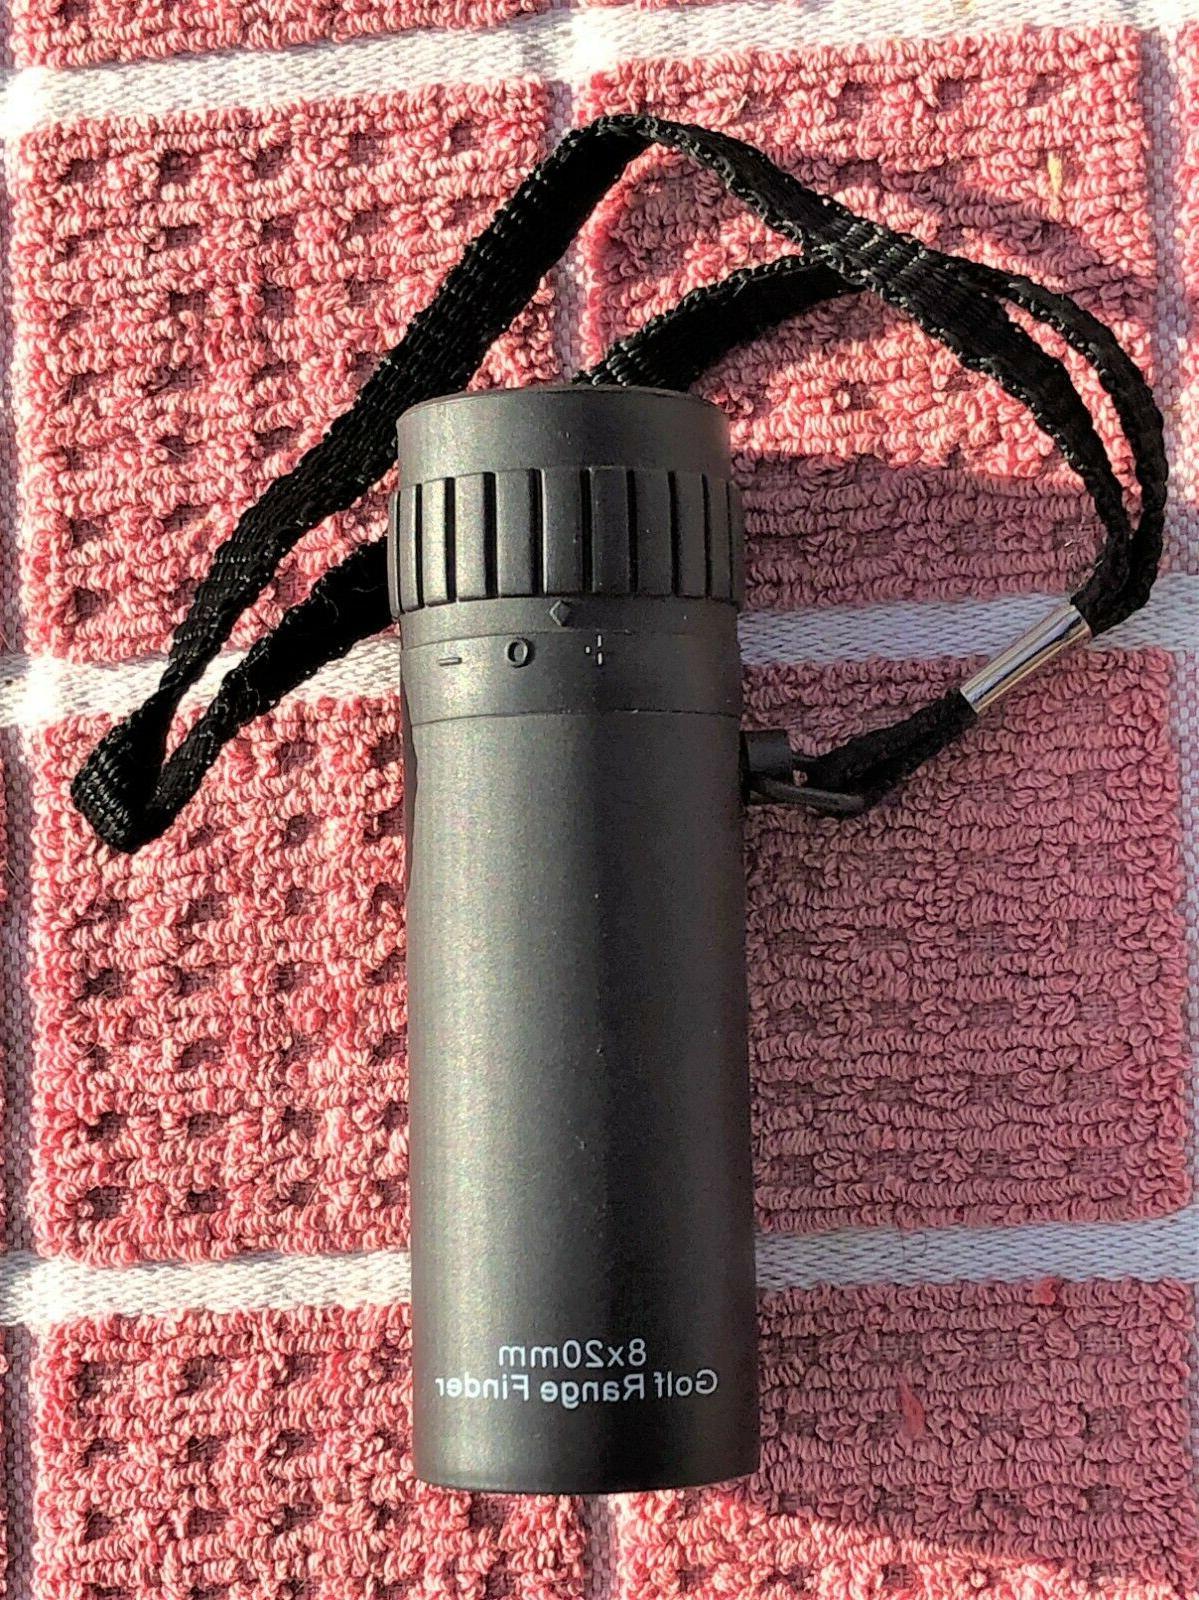 golf range finder 8x20mm adjustable eye piece